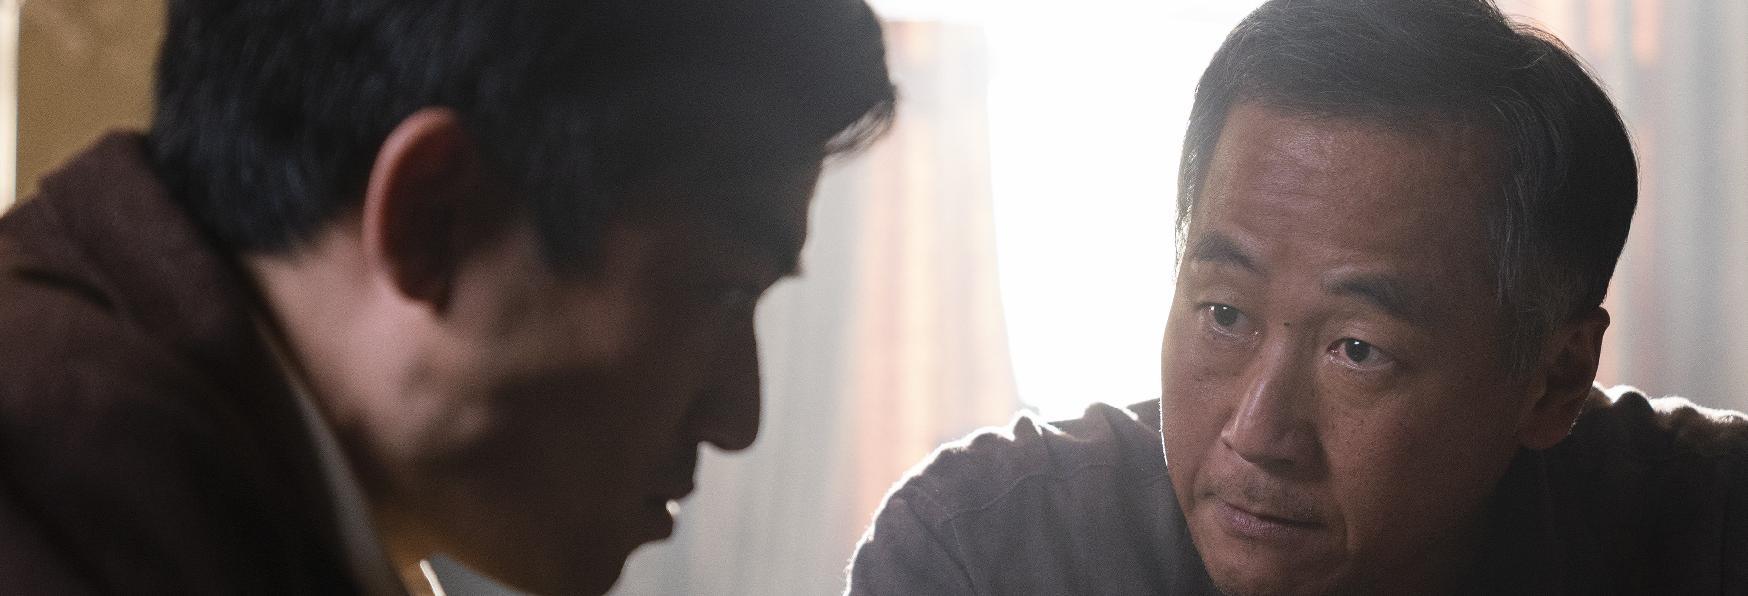 The Terror: Online il Trailer di Infamy, la Seconda Stagione dello show AMC